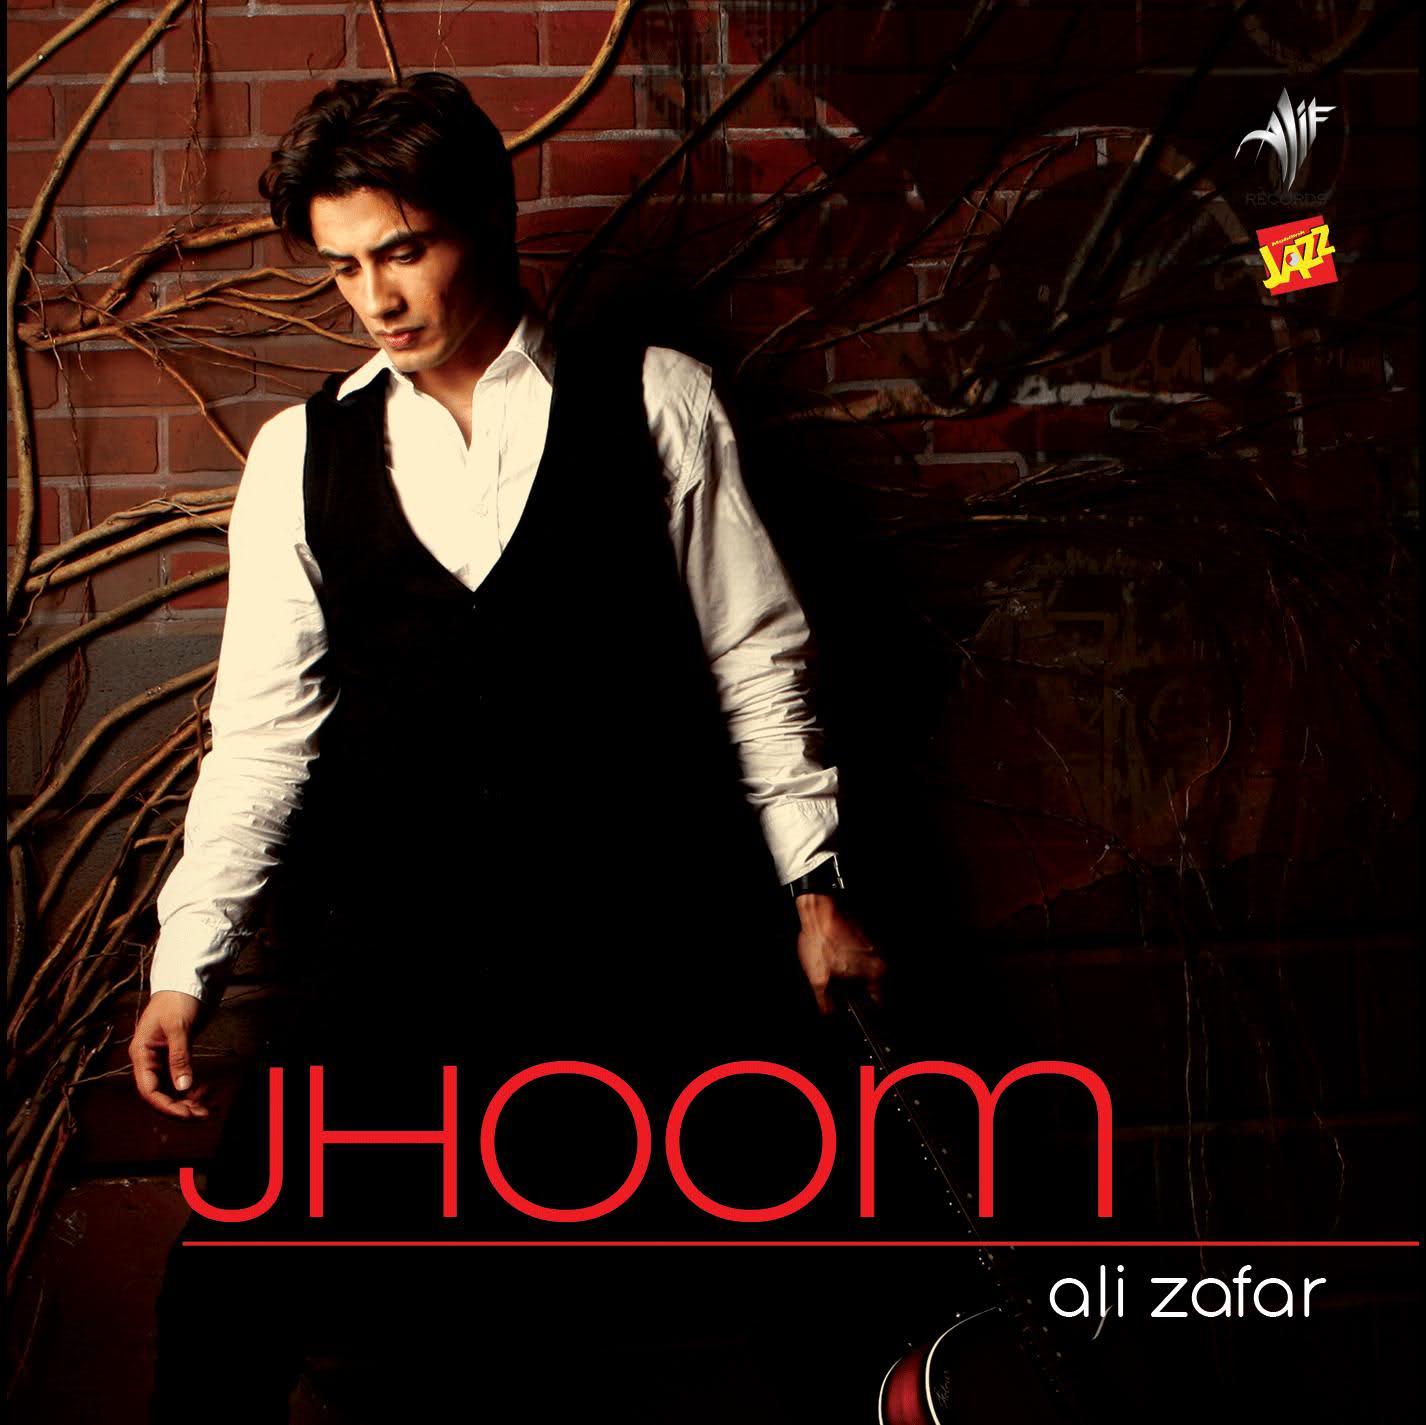 Jhoom - Ali Zafar's Jhoom